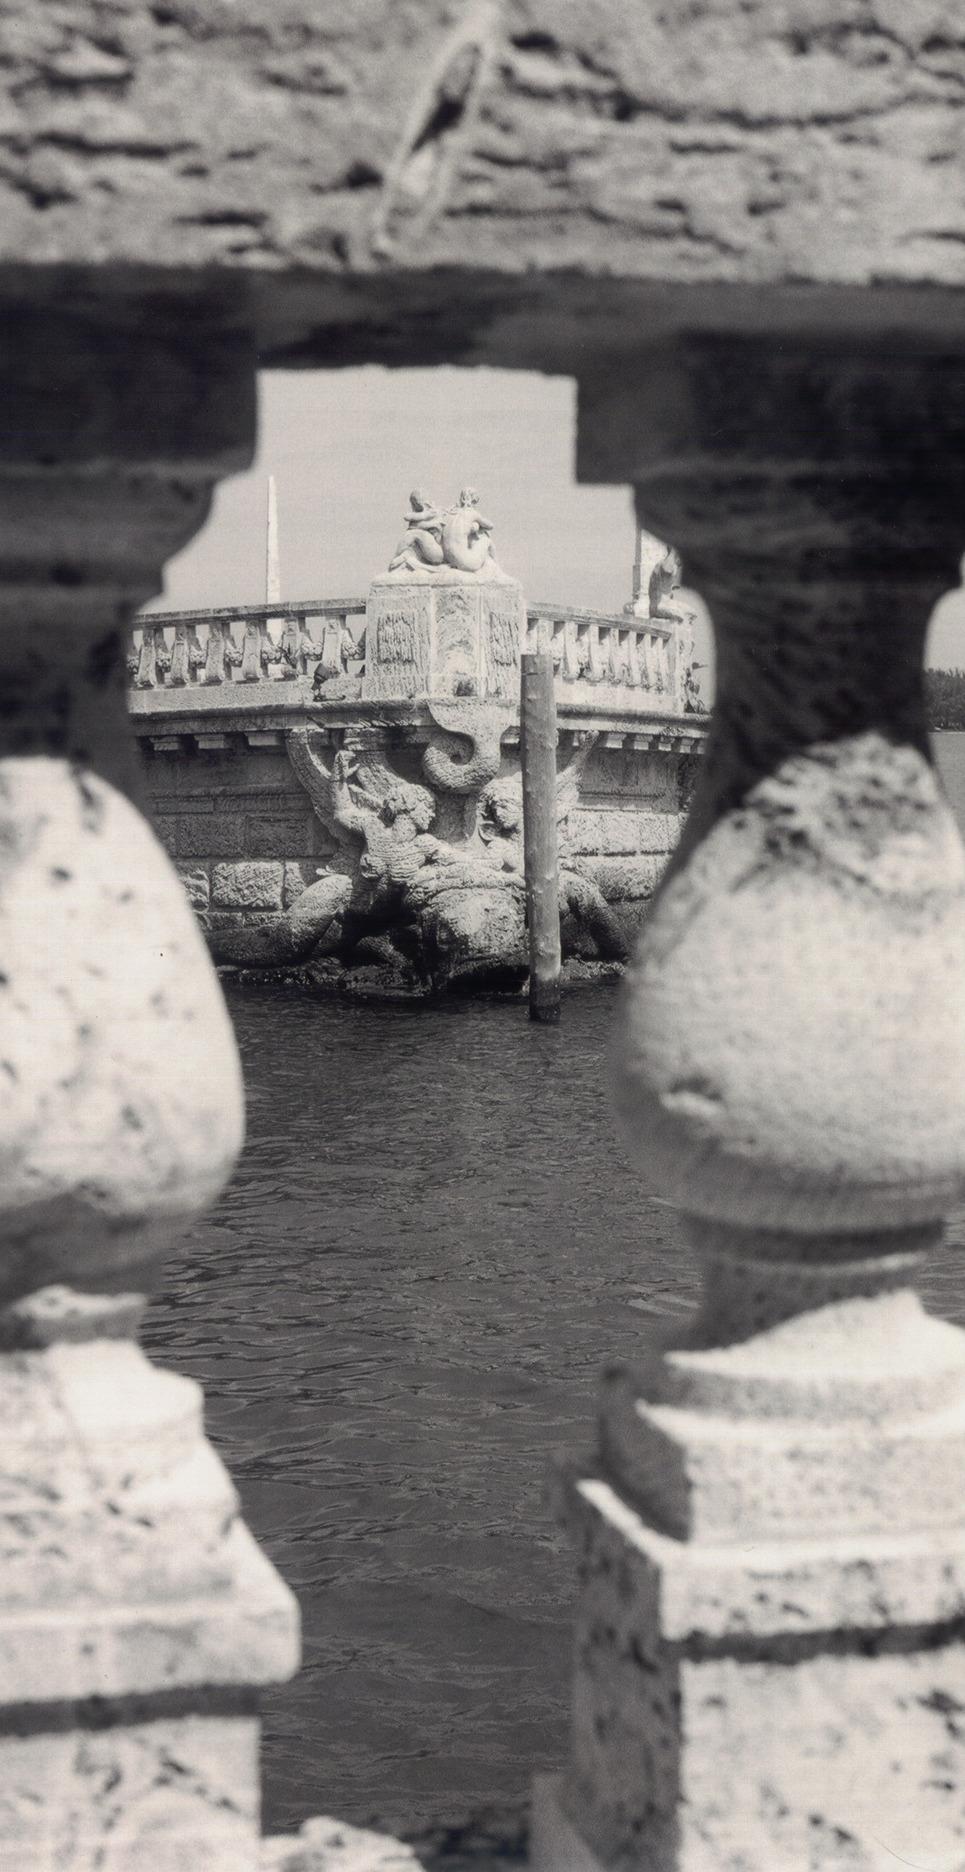 Stone mermaids show